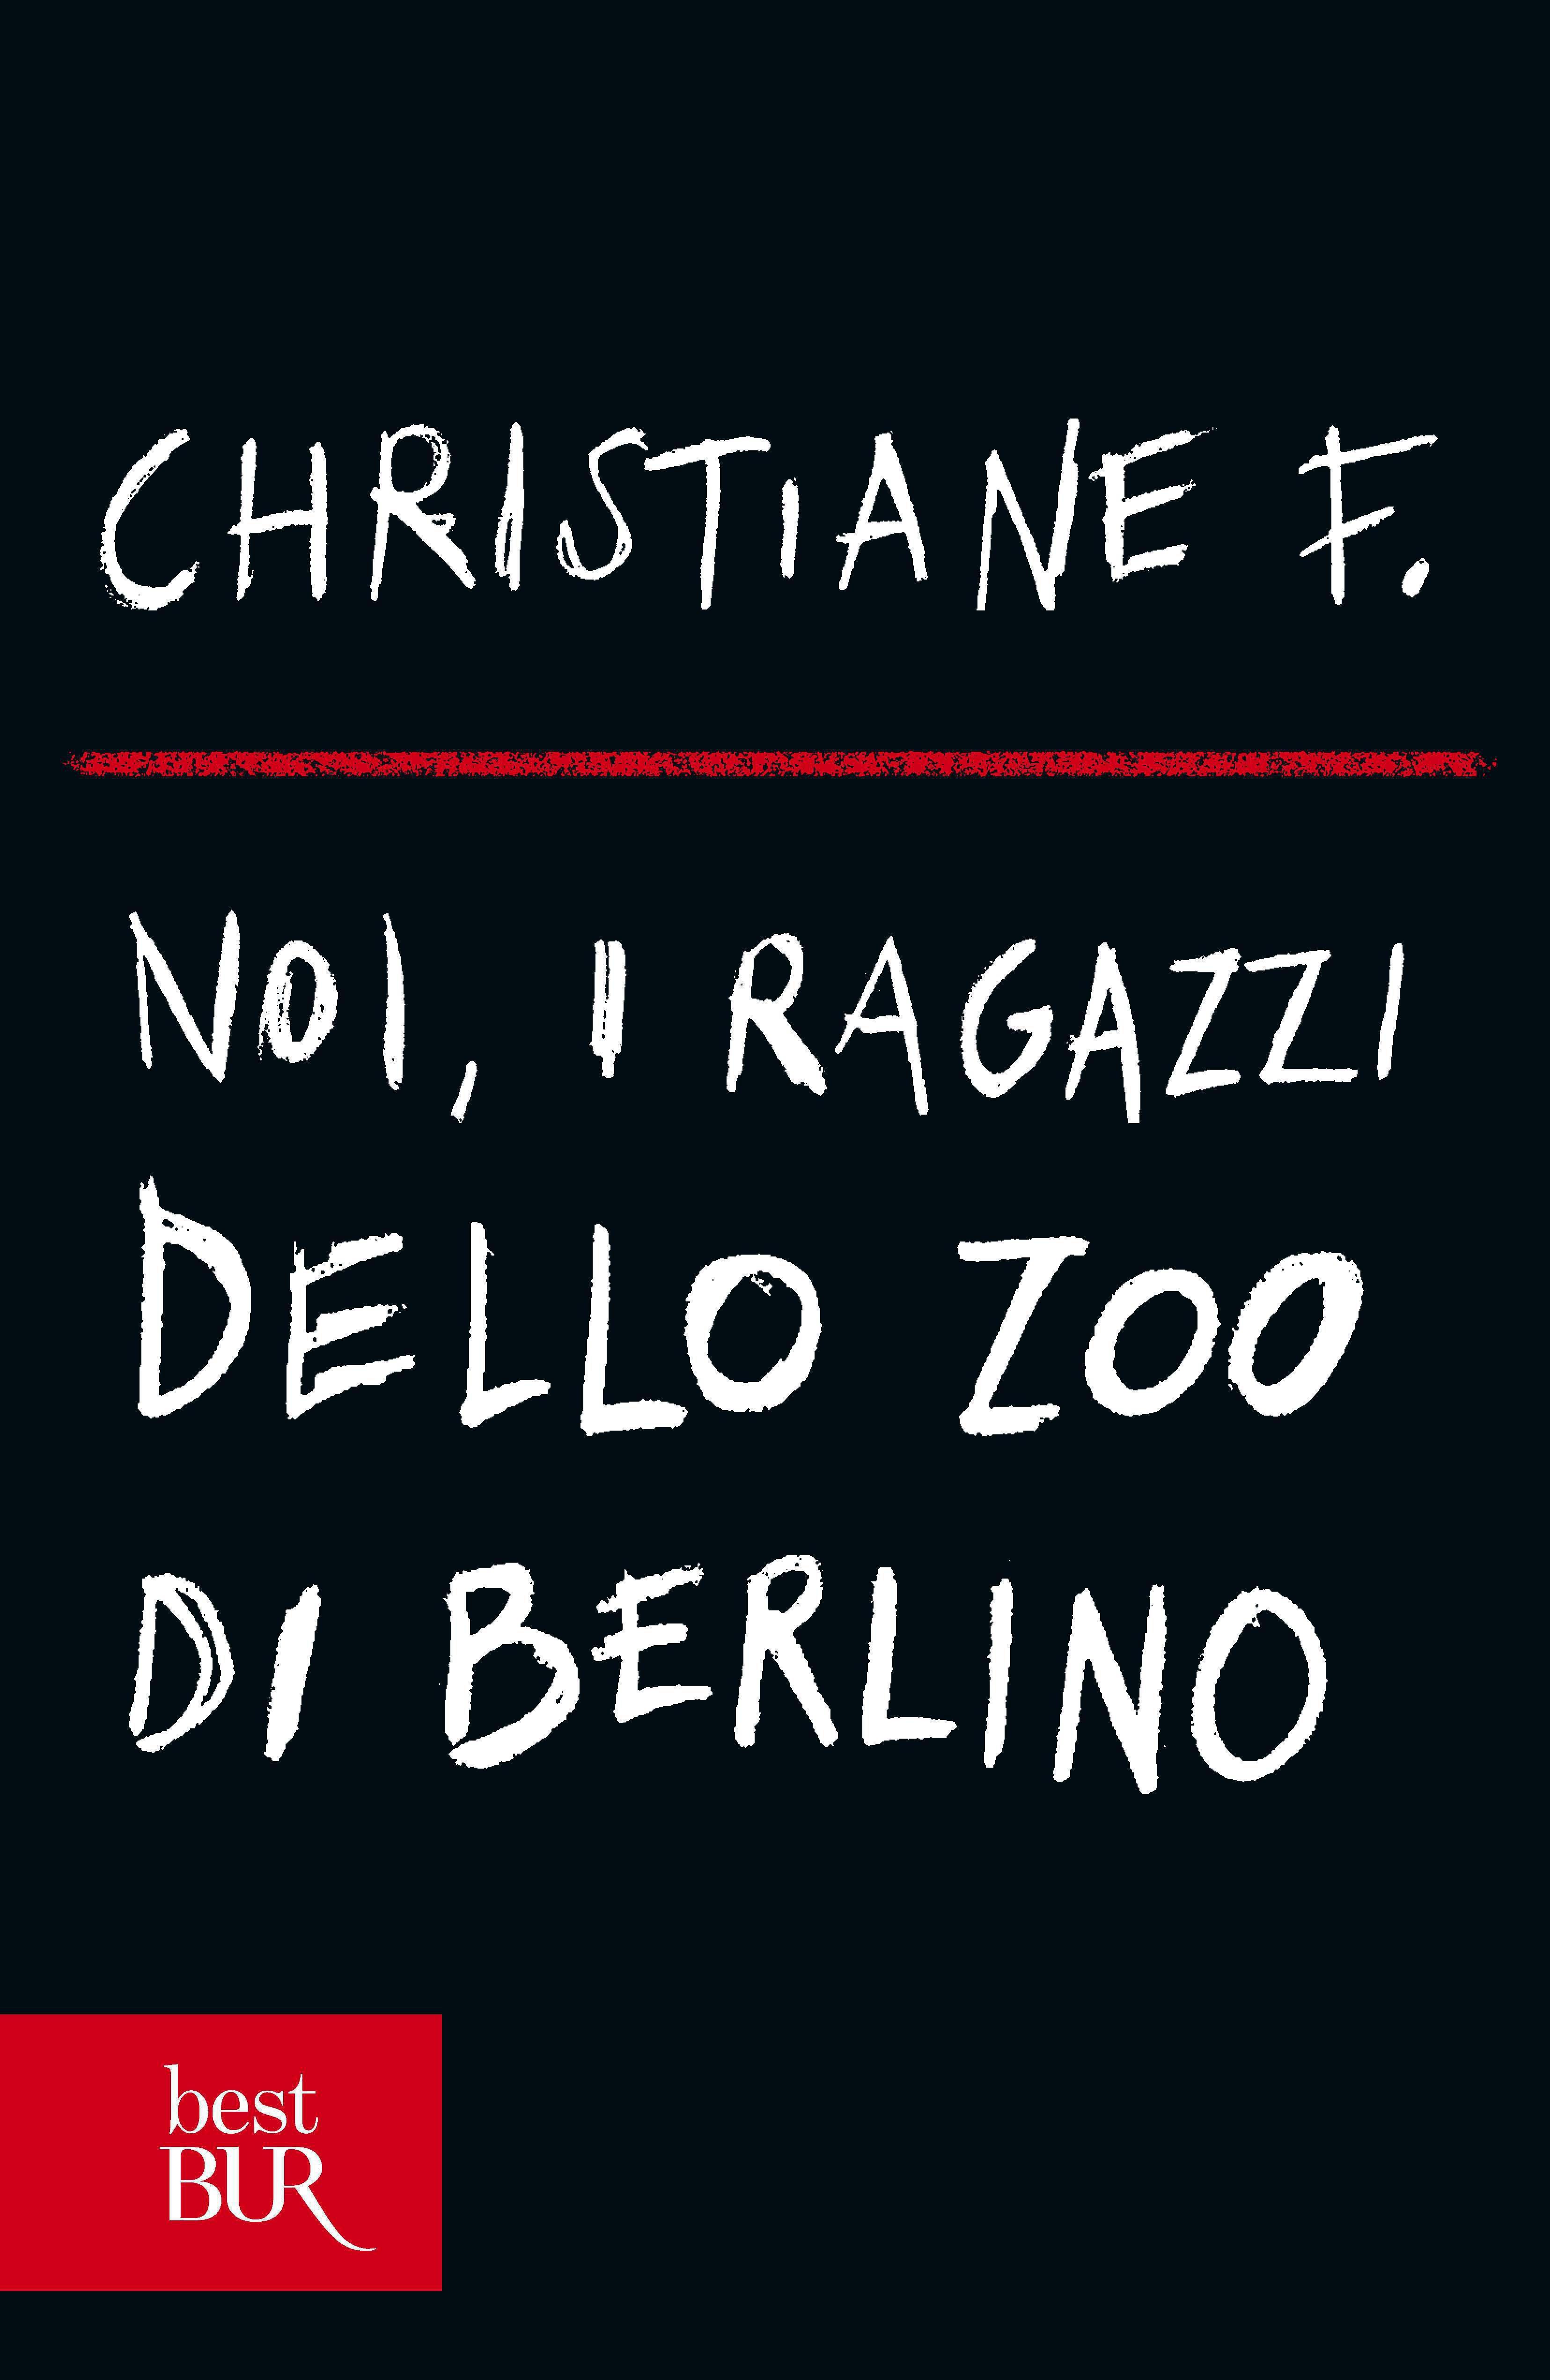 Recensione: Noi i ragazzi dello Zoo di Berlino di Christiane F.